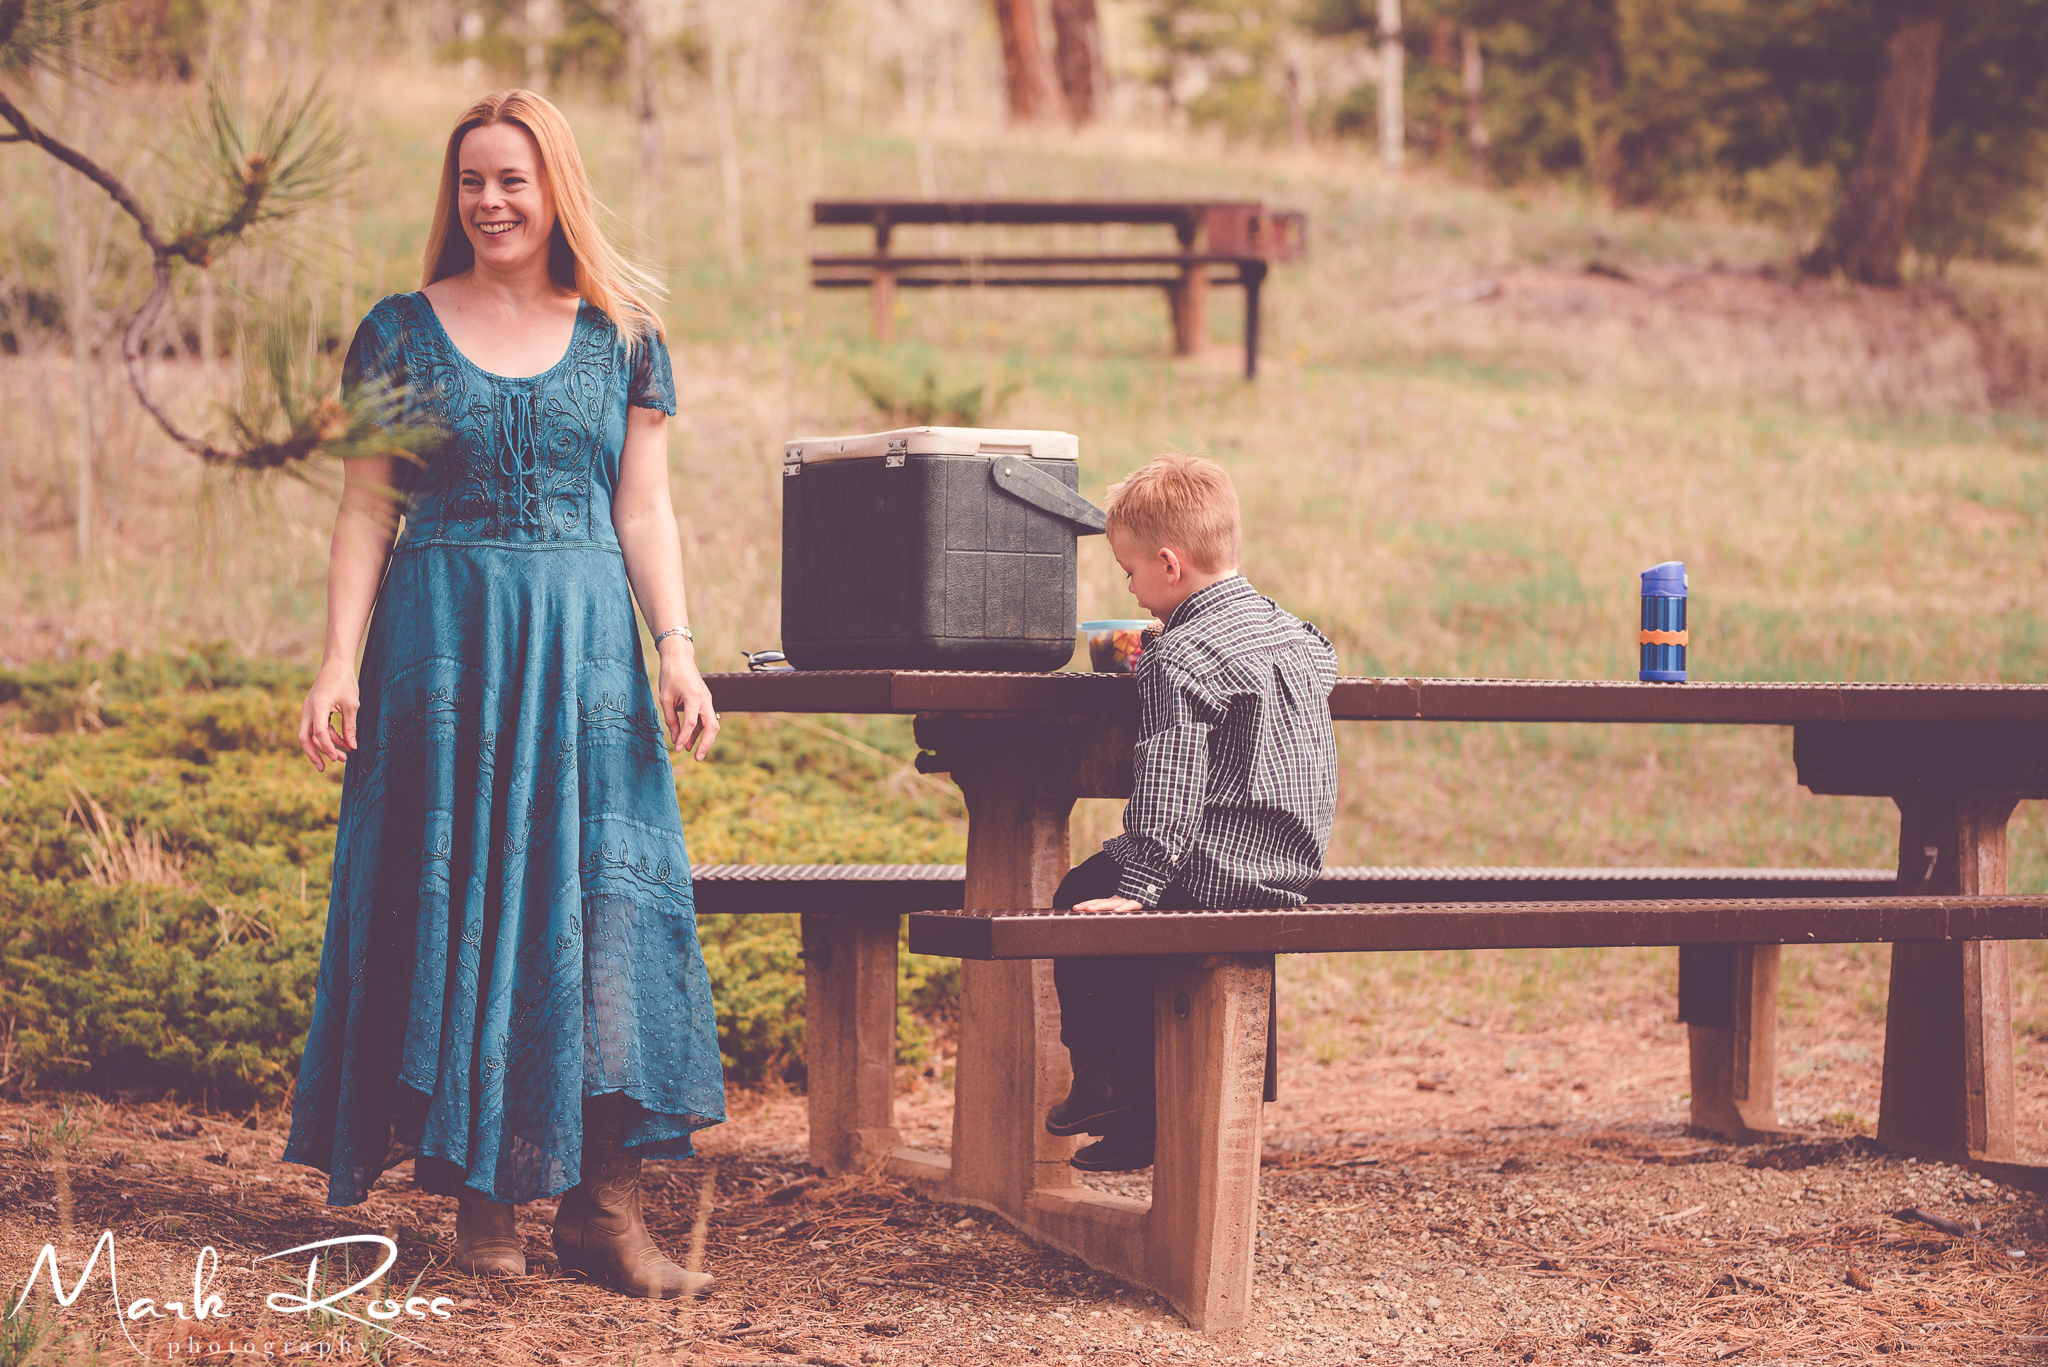 Denver-Family-Photographer-Blog-Mark-Ross-Photography-Glas-Family-24.jpg